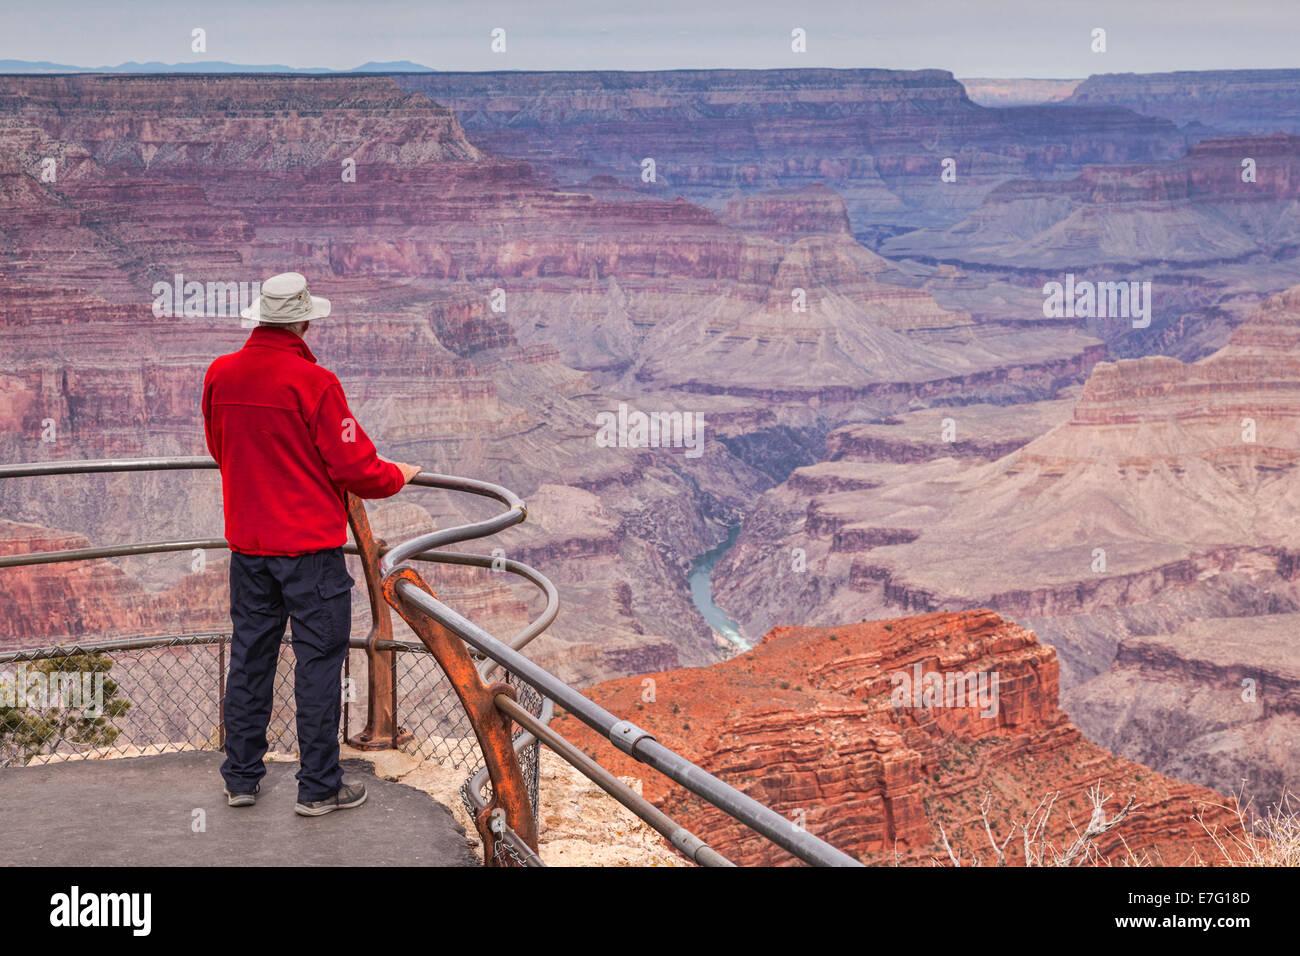 Senior uomo cercando su Hopi Point, il Grand Canyon, Arizona. La messa a fuoco in primo piano. Immagini Stock